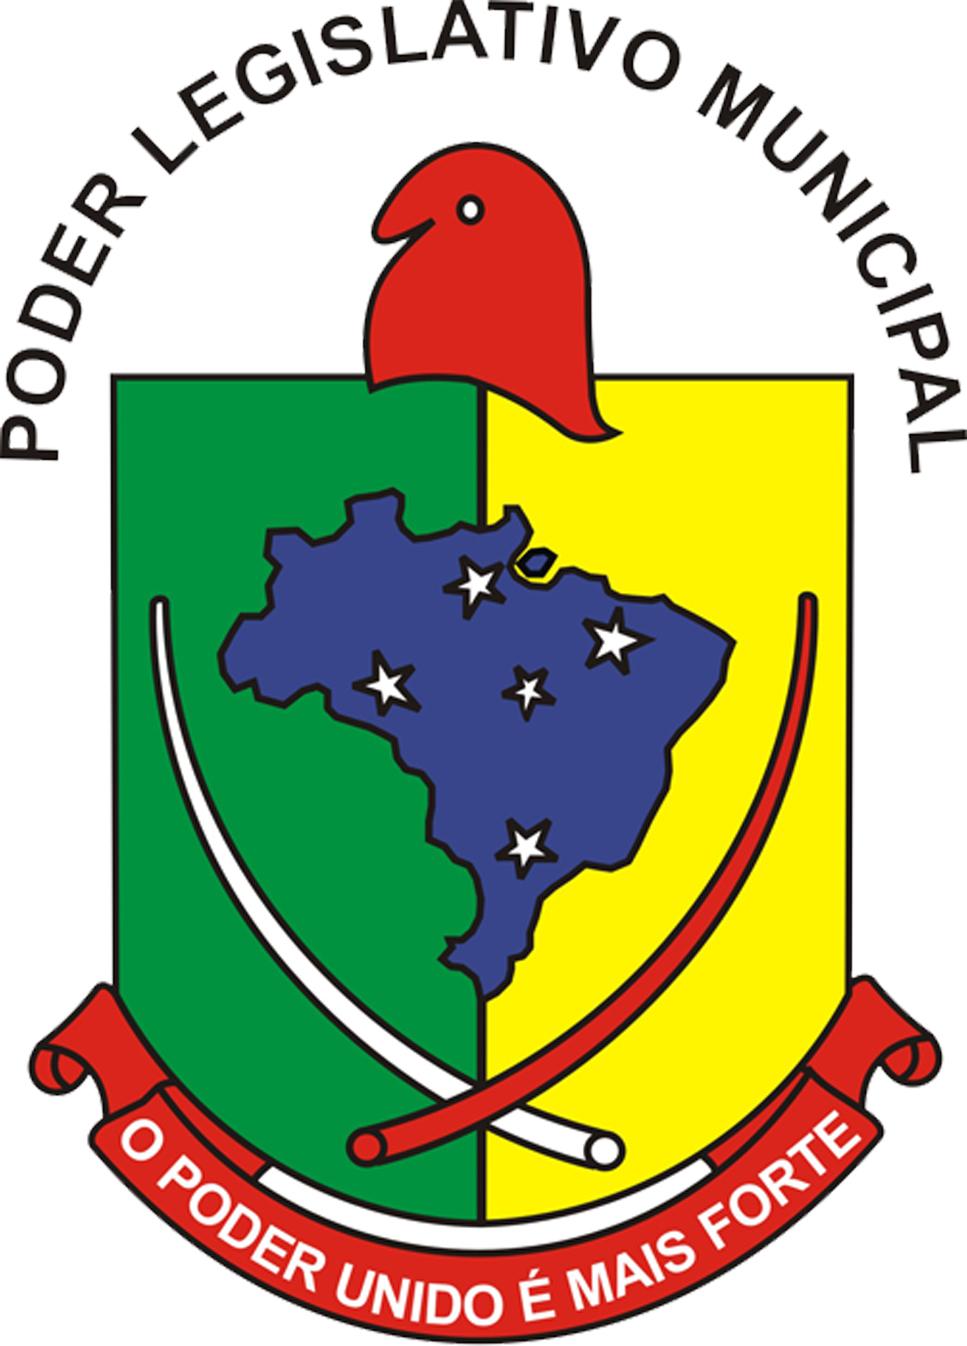 Câmara Municipal de Vereadores de Irati